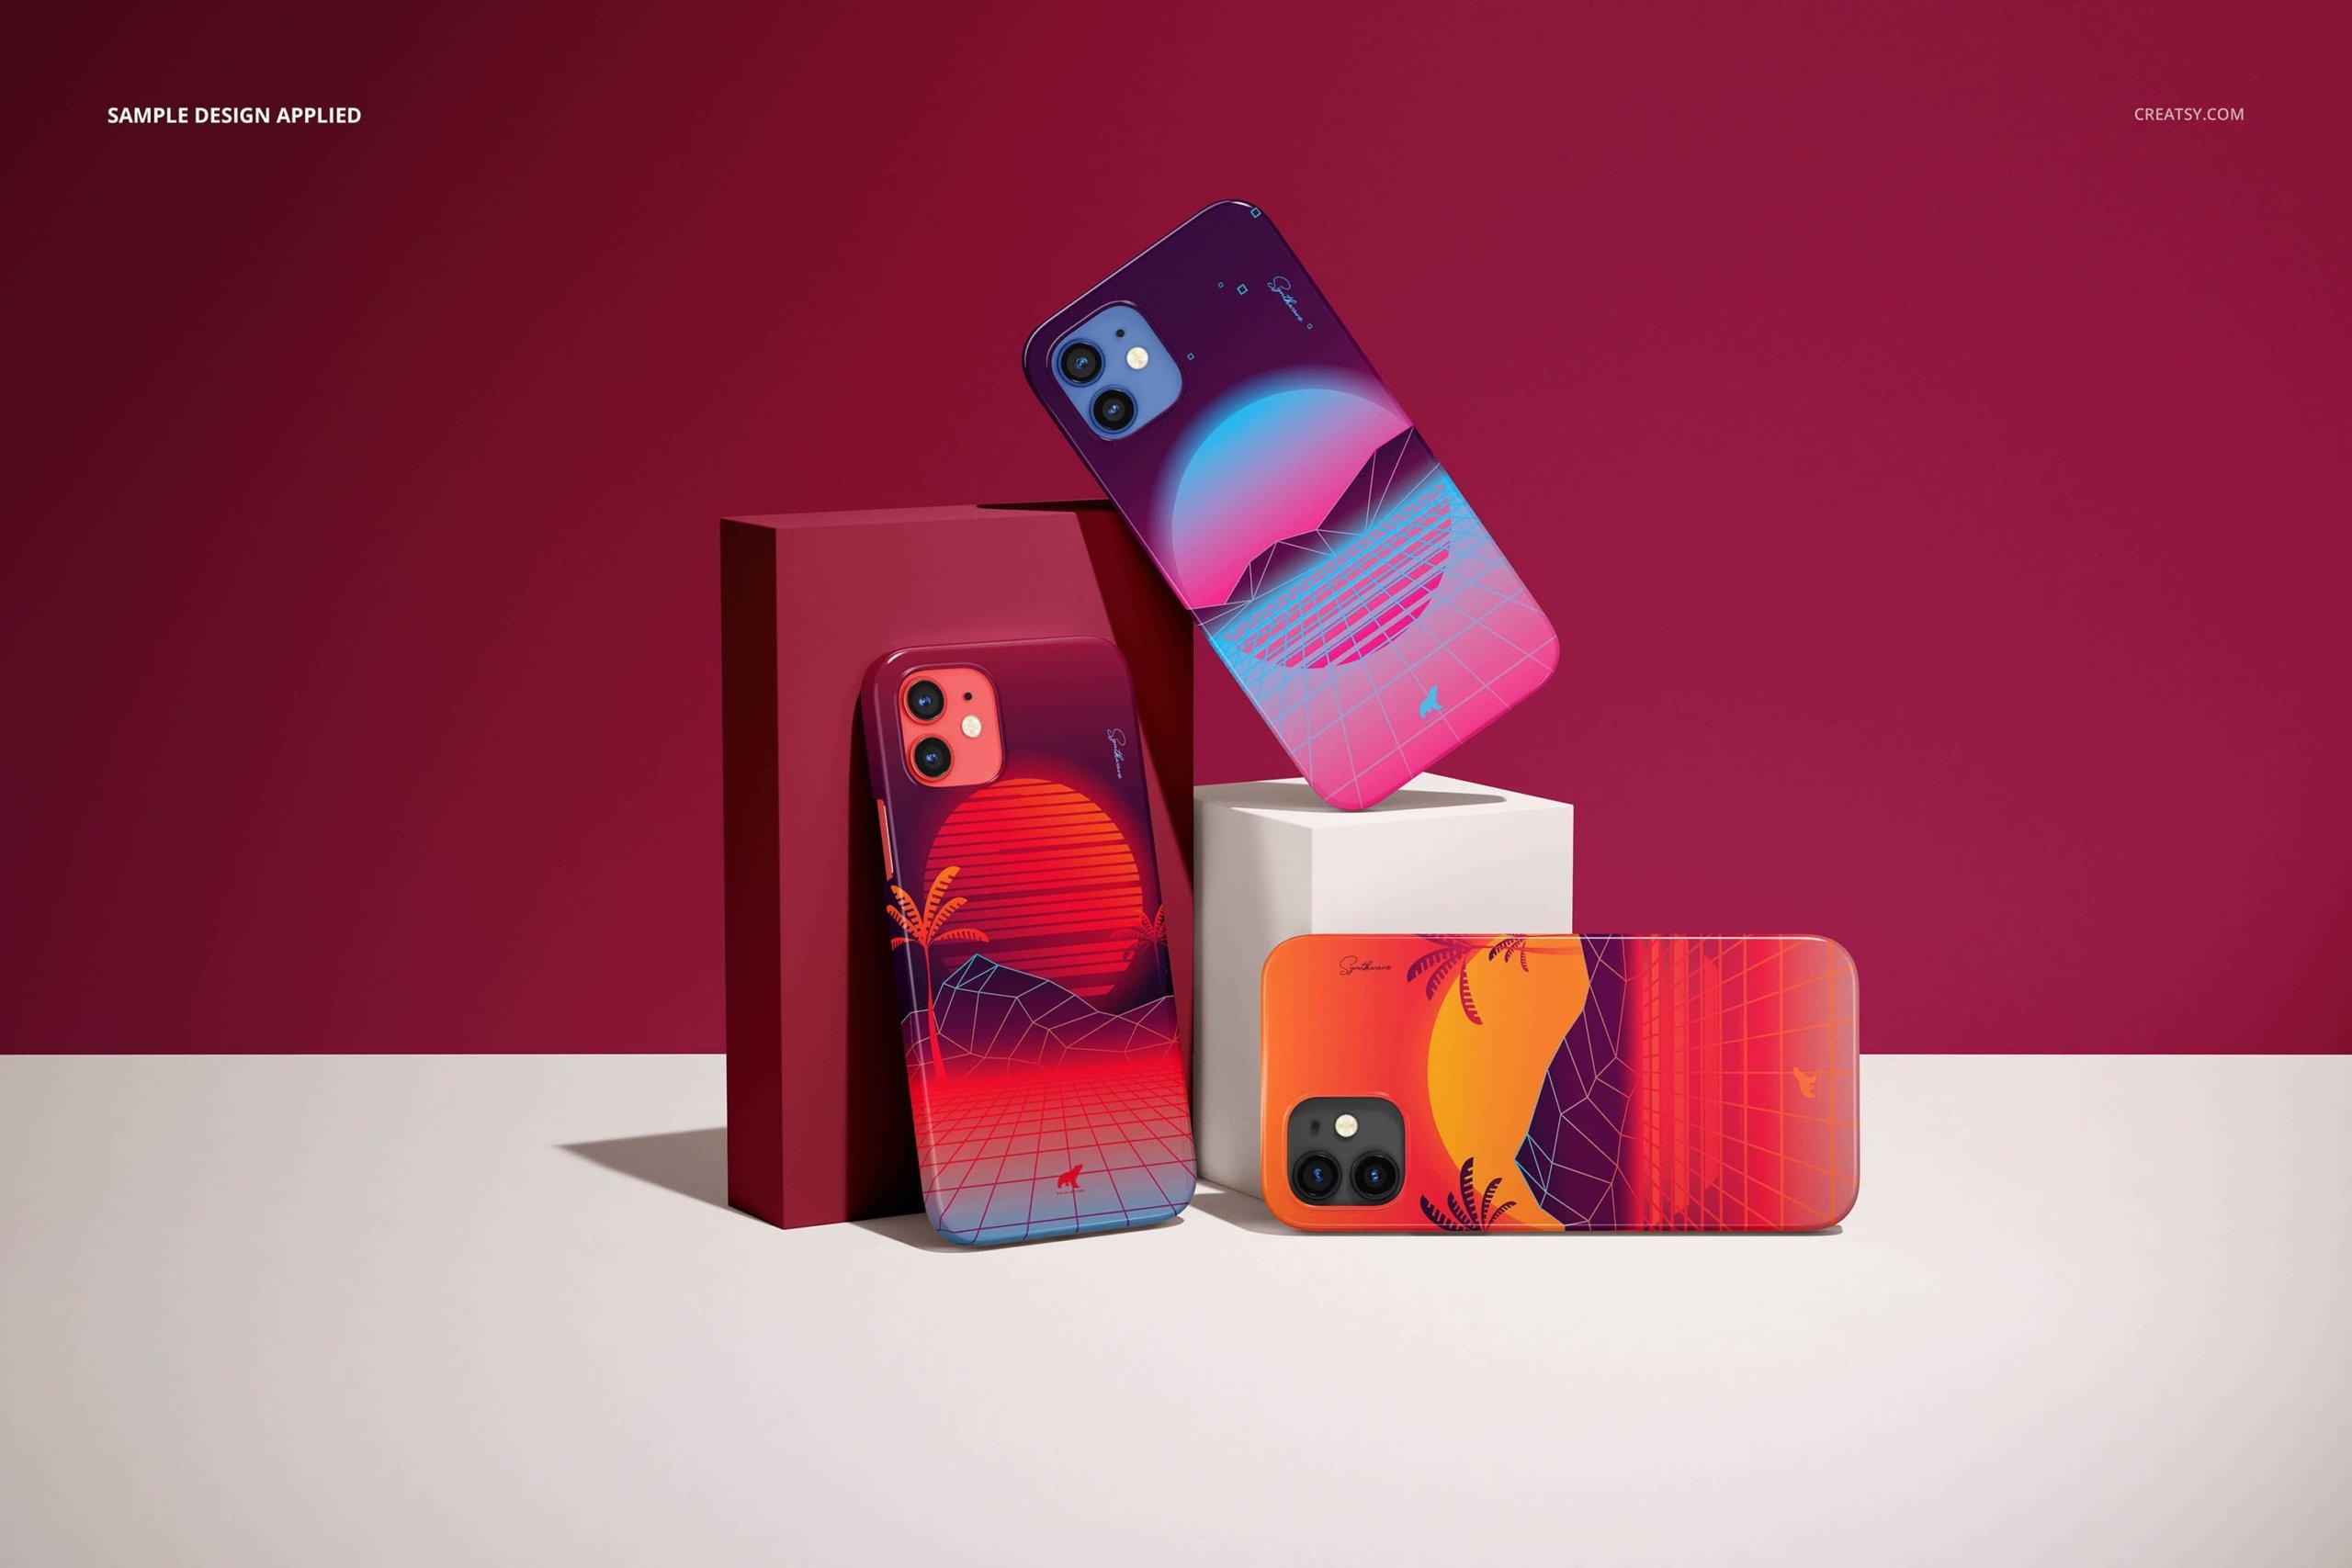 [单独购买] 26款时尚光滑苹果iPhone 12手机保护壳设计PS贴图样机模板素材 iPhone 12 Glossy Snap Case 1 Mockup插图8